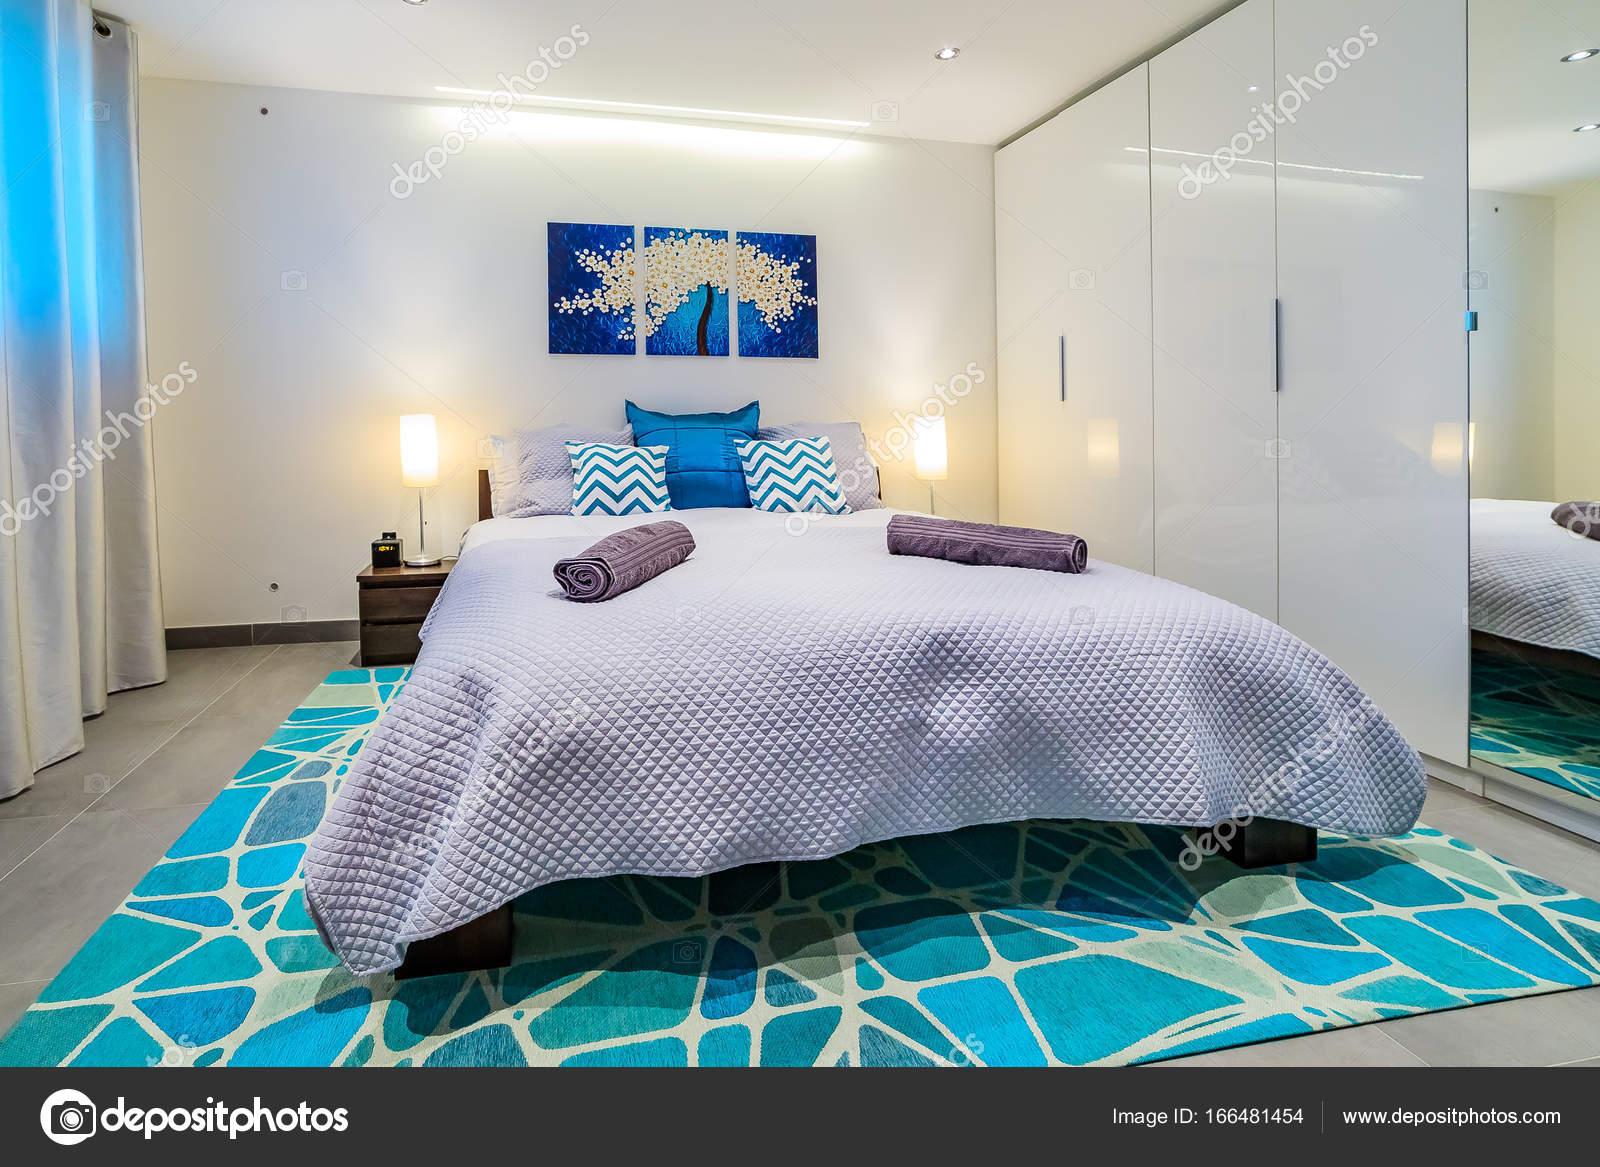 Großes Bett Mit Hotelbetreibern Und Leuchtend Blauen Kissen In Einem  Modernen Schlafzimmer, Wandkunst Malerei Und Lichter U2014 Foto Von SvetlanaSF